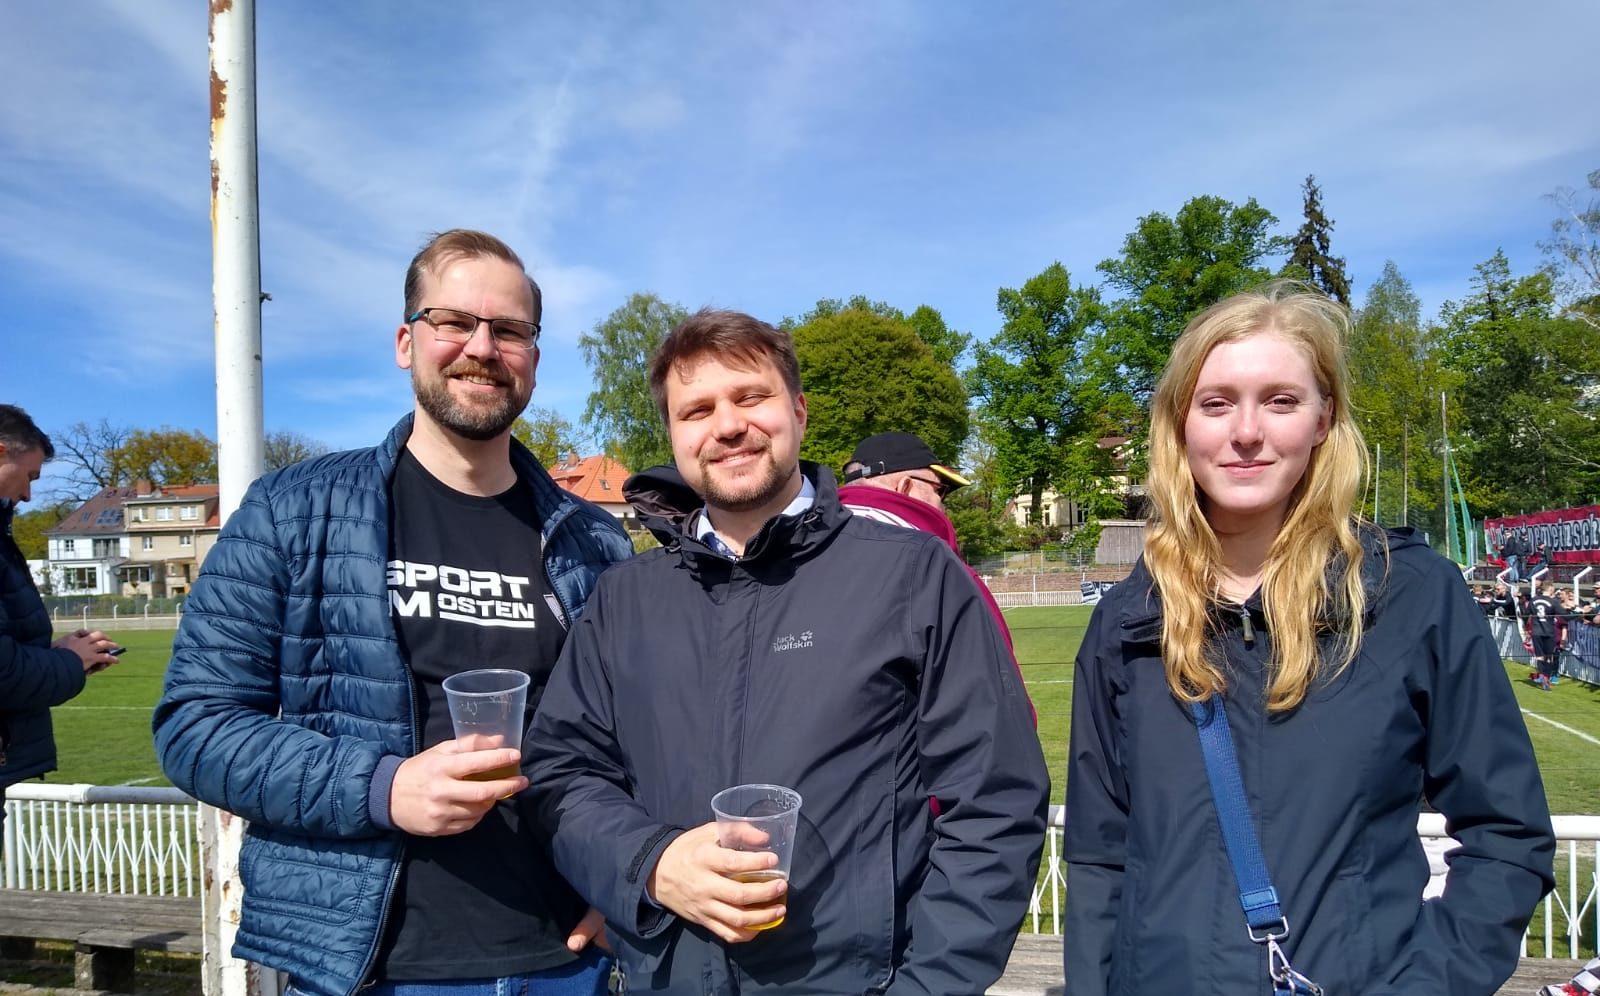 Warum kandidieren junge Schweriner für die AfD?